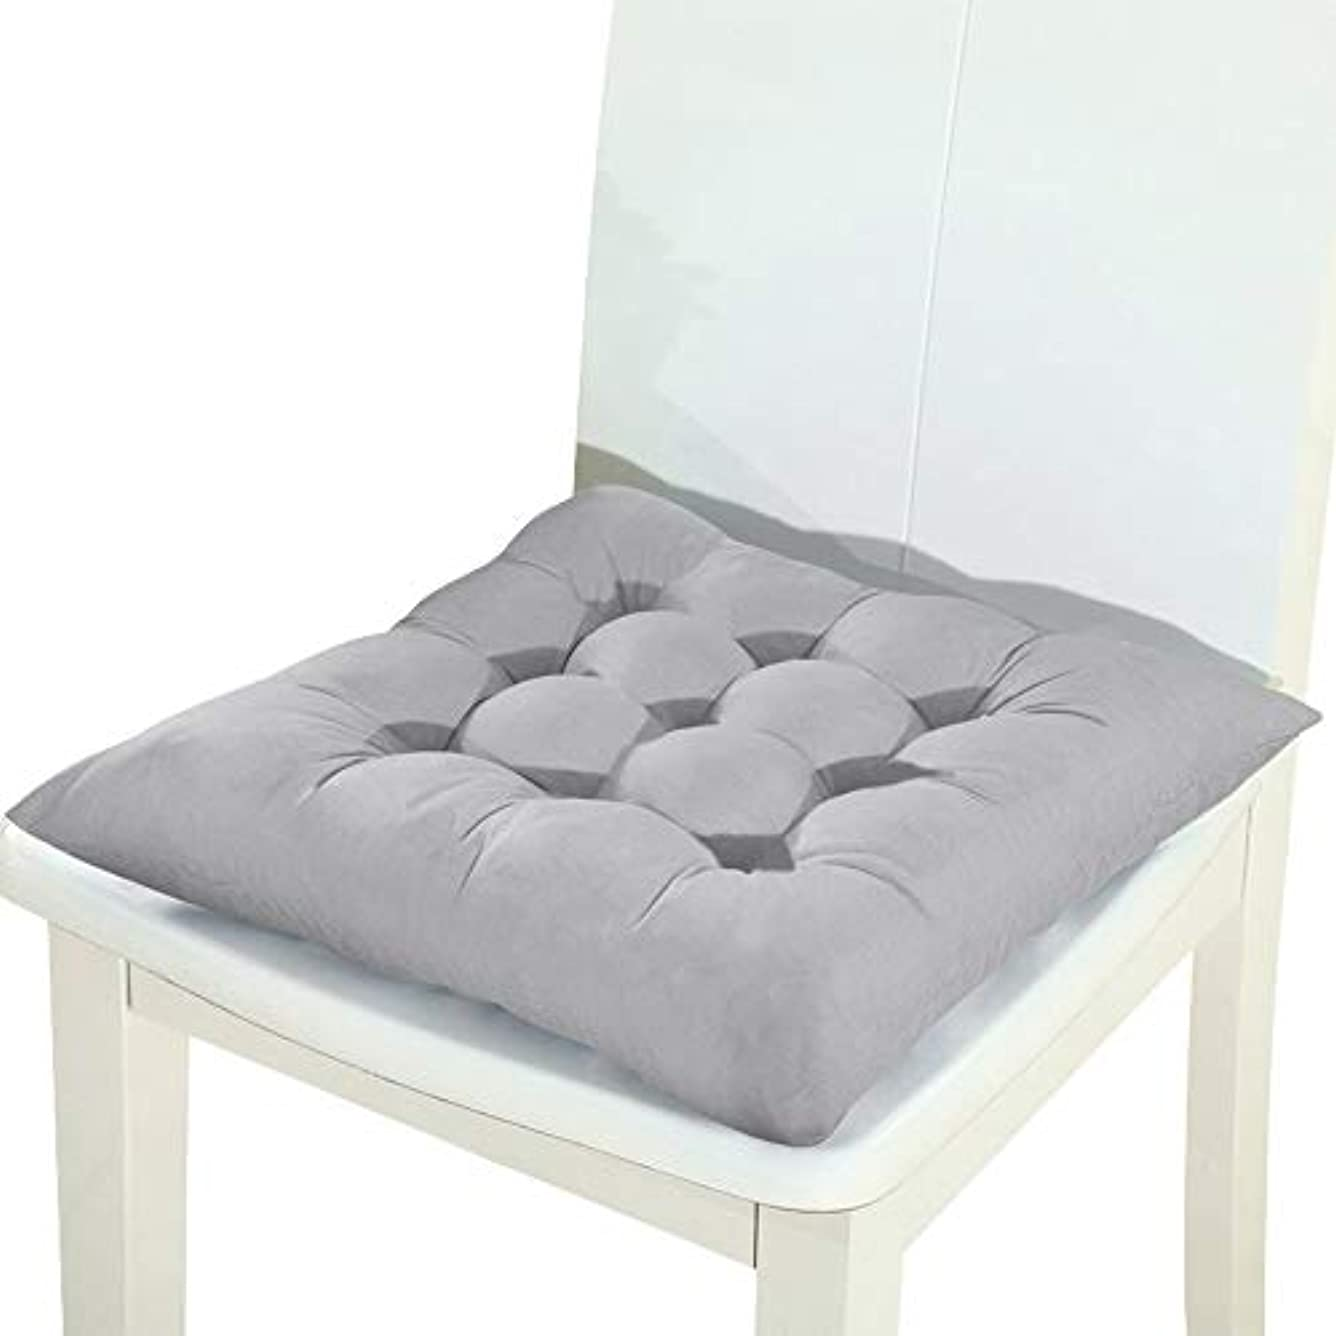 残りシリアル確認してくださいLIFE 1/2/4 個 37 × 37 センチメートル座椅子バッククッション保温冬オフィスバーソファ枕臀部椅子クッション家の装飾 クッション 椅子